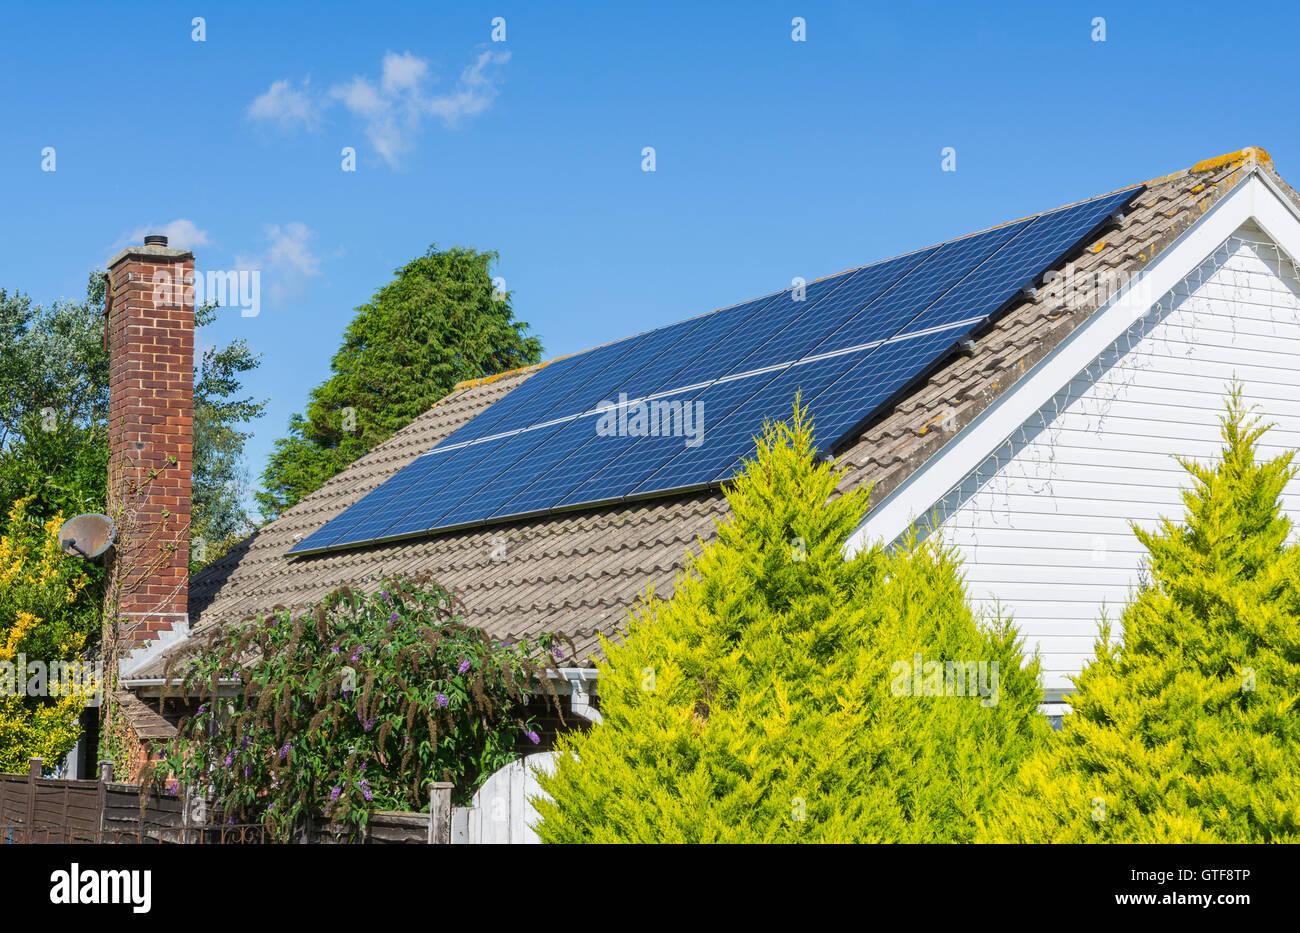 Pannelli solari sul tetto di un bungalow NEL REGNO UNITO. Immagini Stock